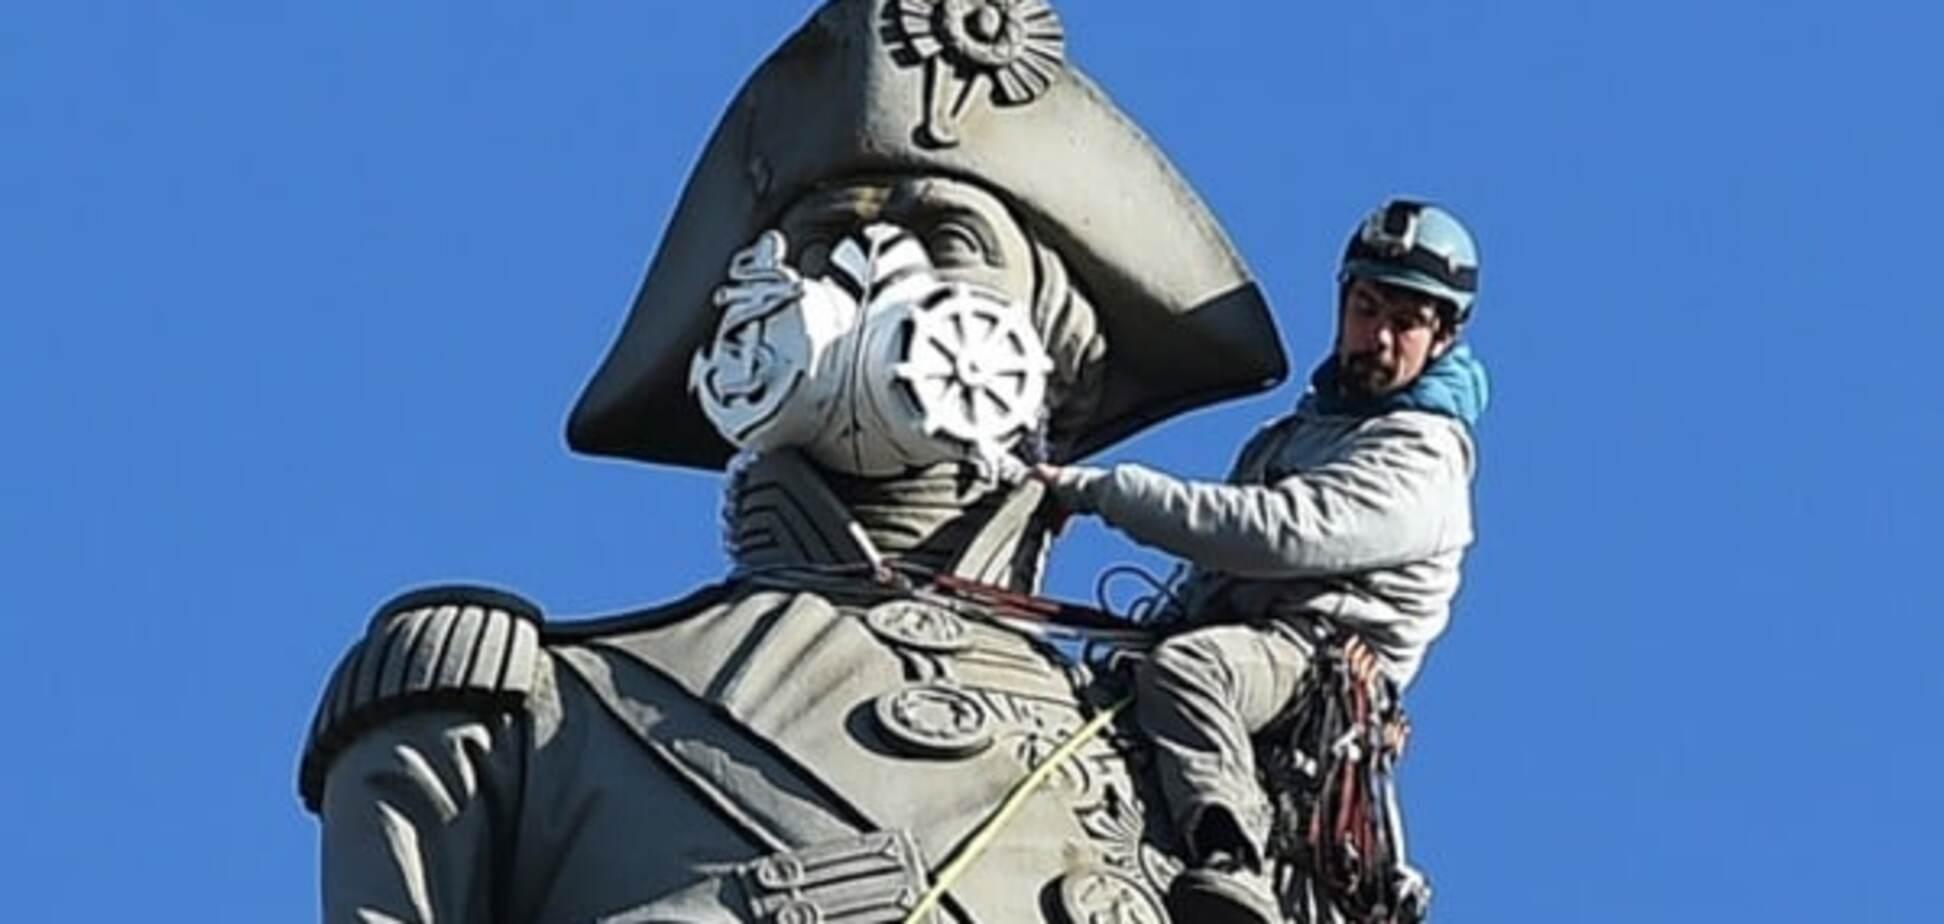 Памятник в Лондоне